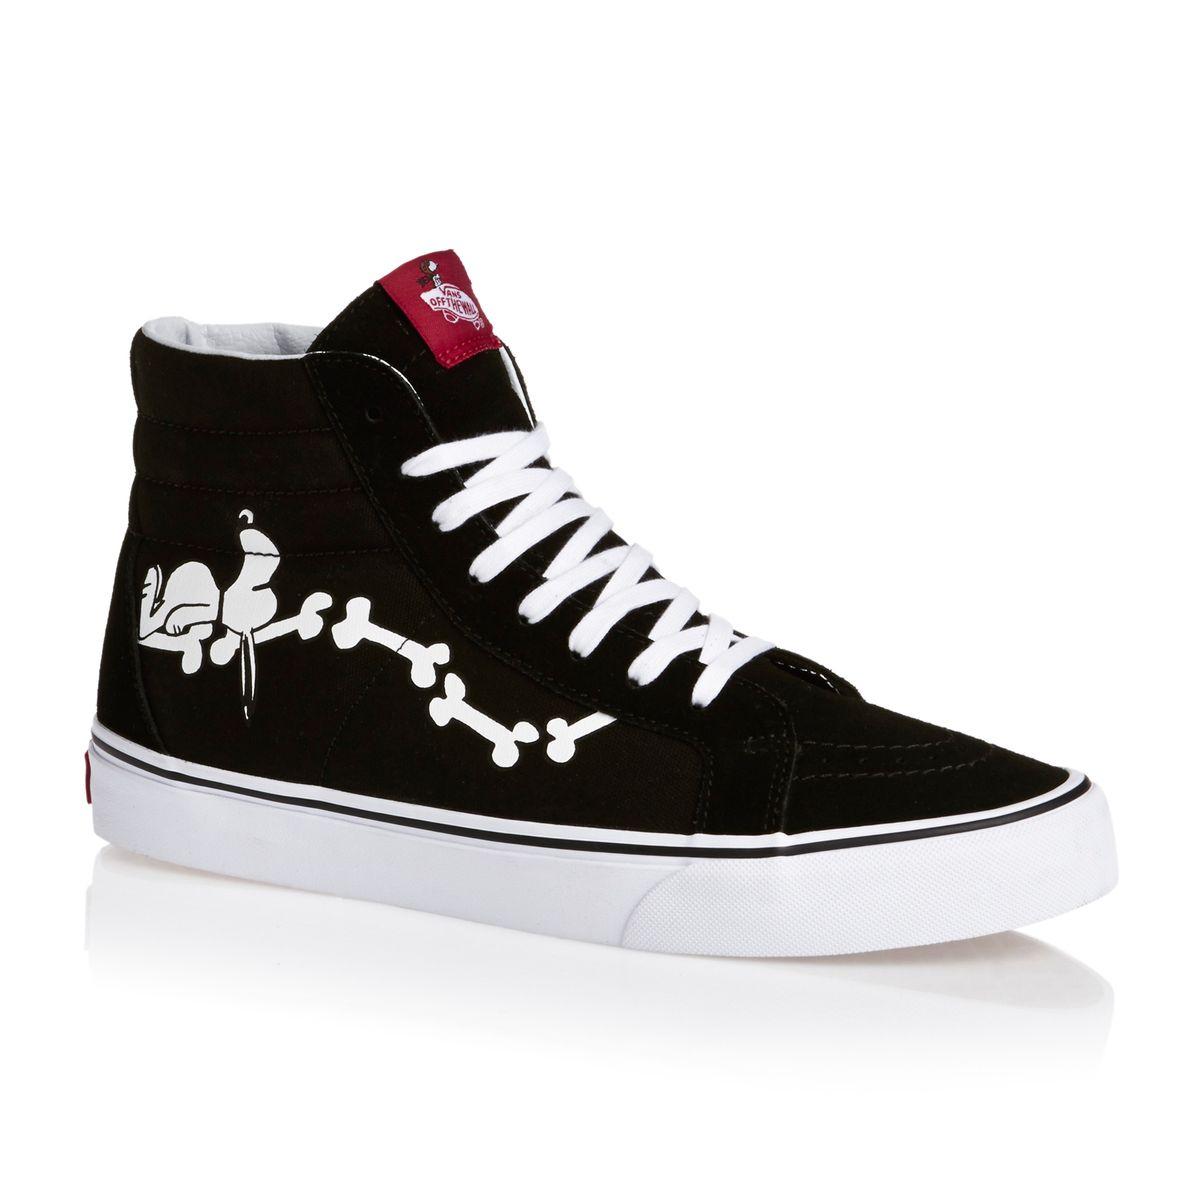 Vans Skate-Schuh Snoopy Bones/Black für 44,74€ durch Code RABATT15 (thx @Vibsi) inkl. Versand (nächster Preis Idealo: 74,95€) Shoop nicht vergessen